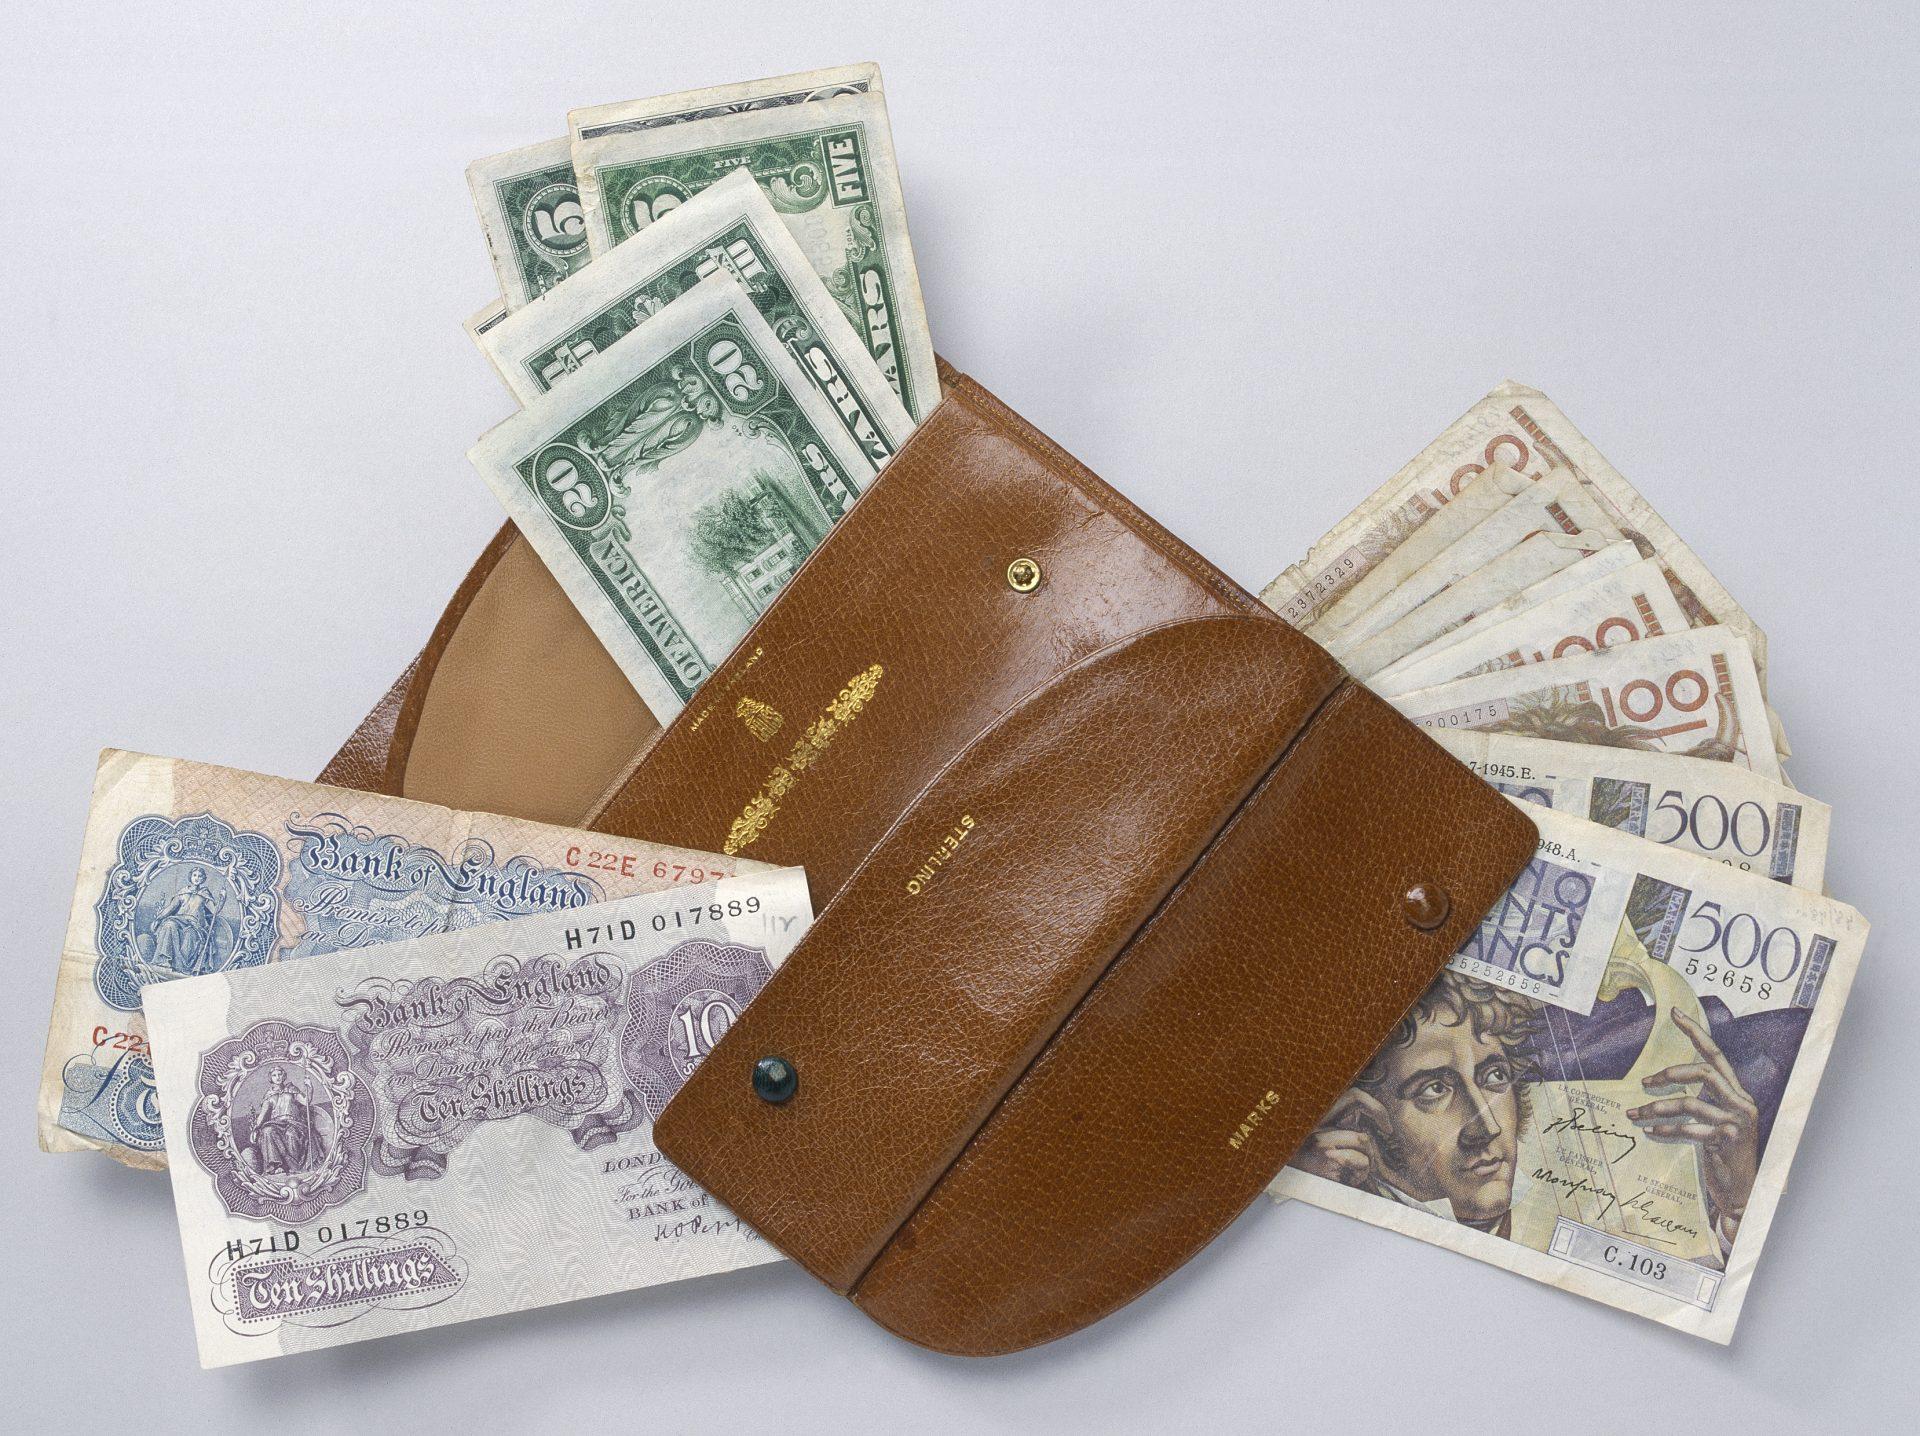 Engelska banksedlar som ligger i en skinnfärgad plånbok